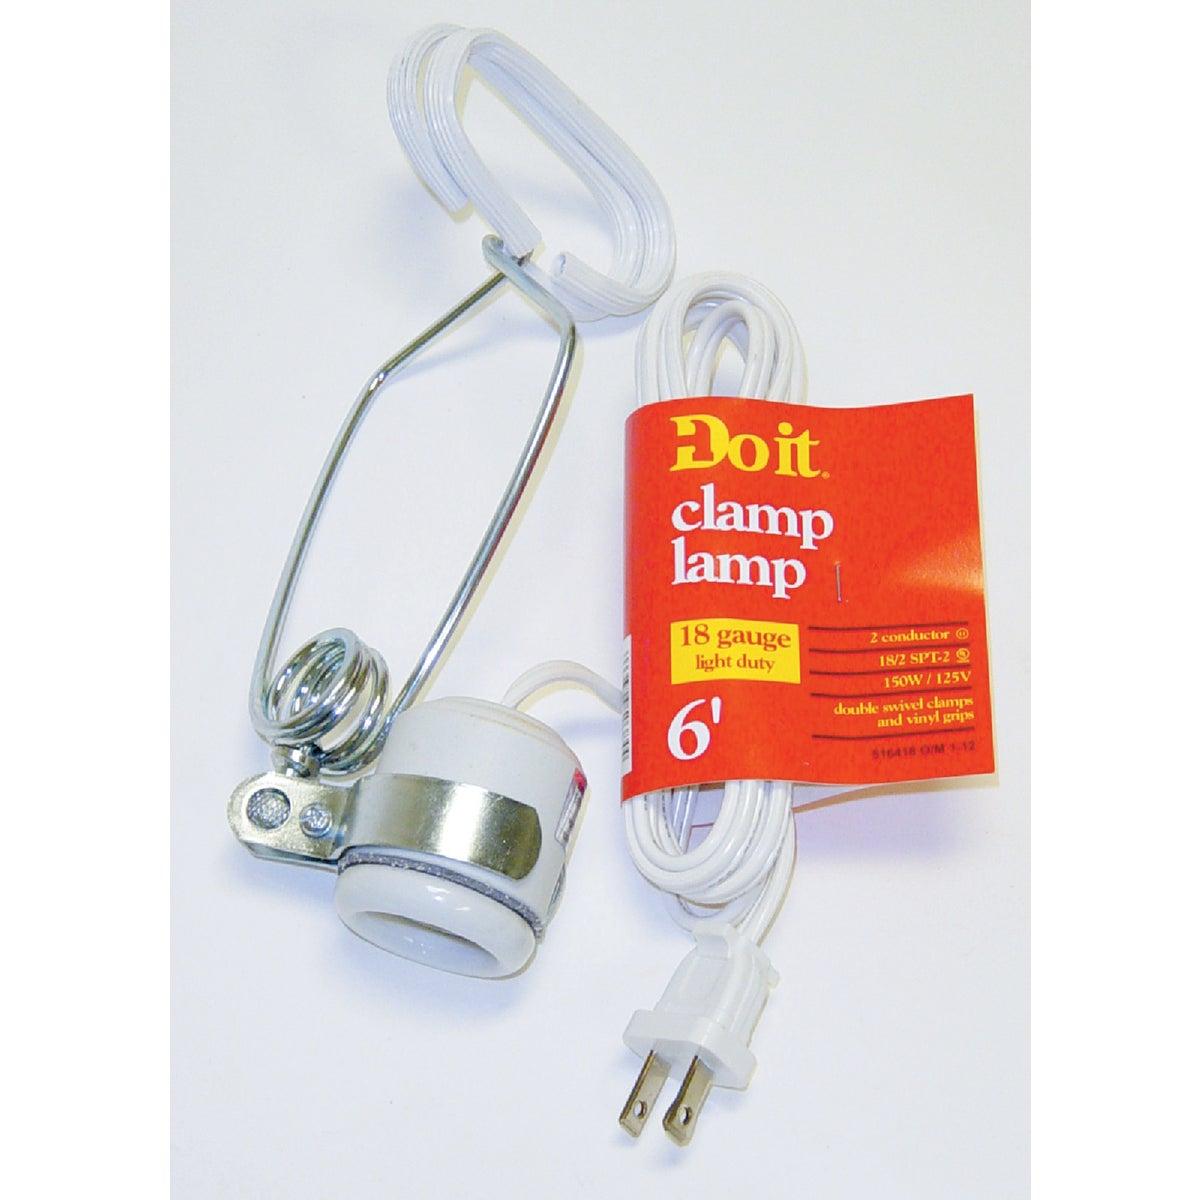 Do it 150W Light Duty Clamp Lamp